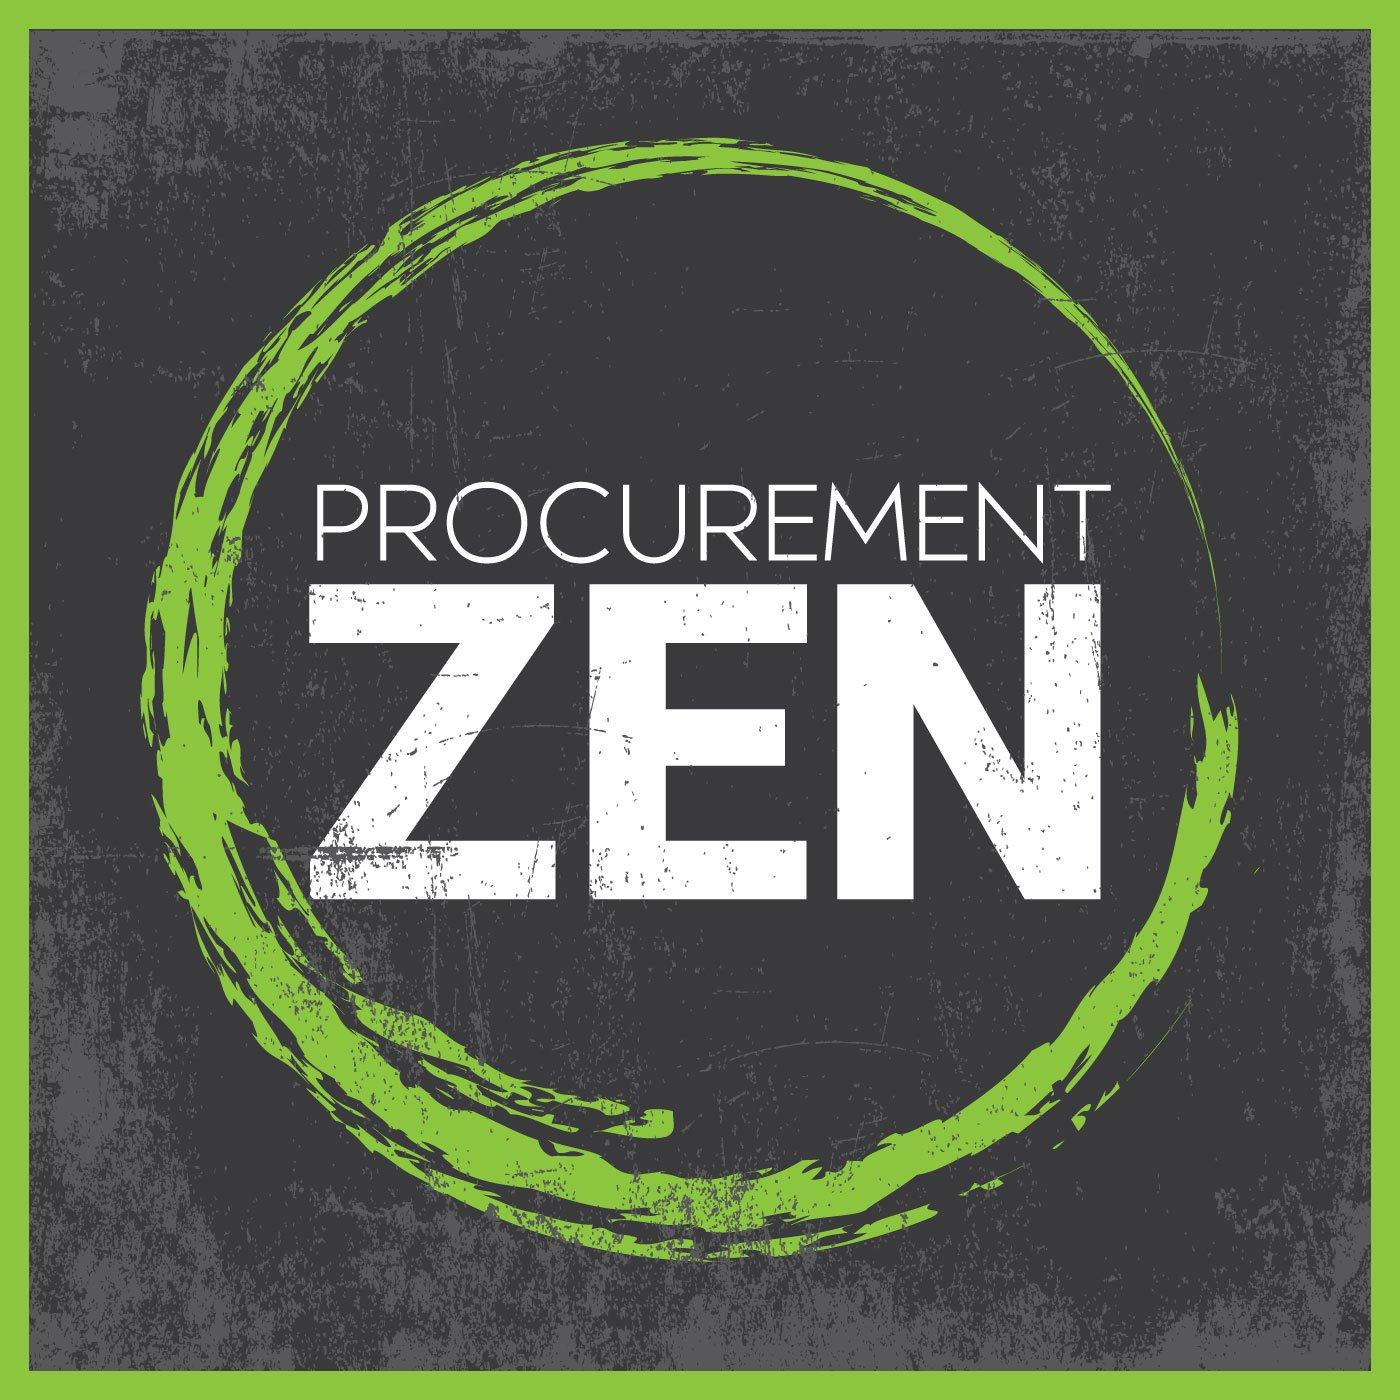 Procurement Zen